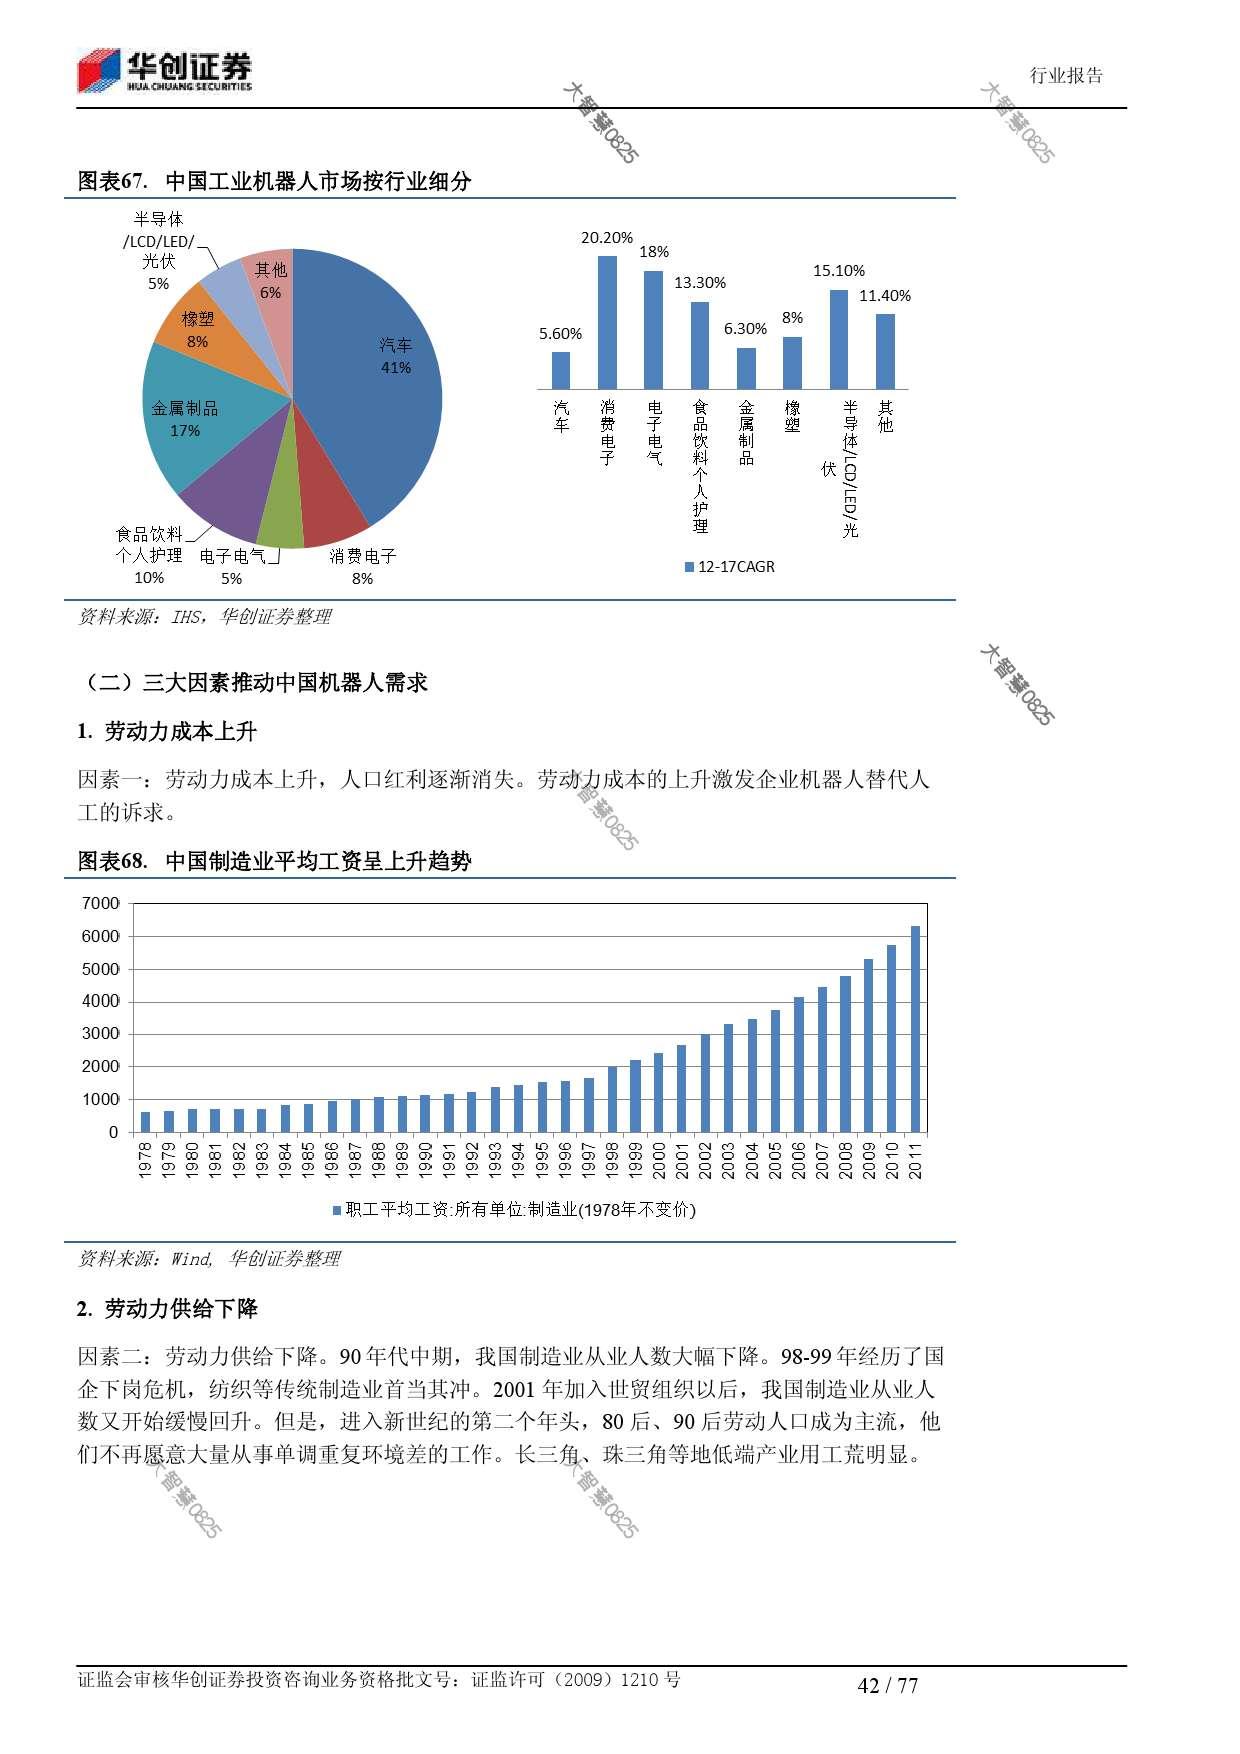 行业研究_华创证券_刘国清,鲁佩_机械设备:机器人大趋势_2014021_000042